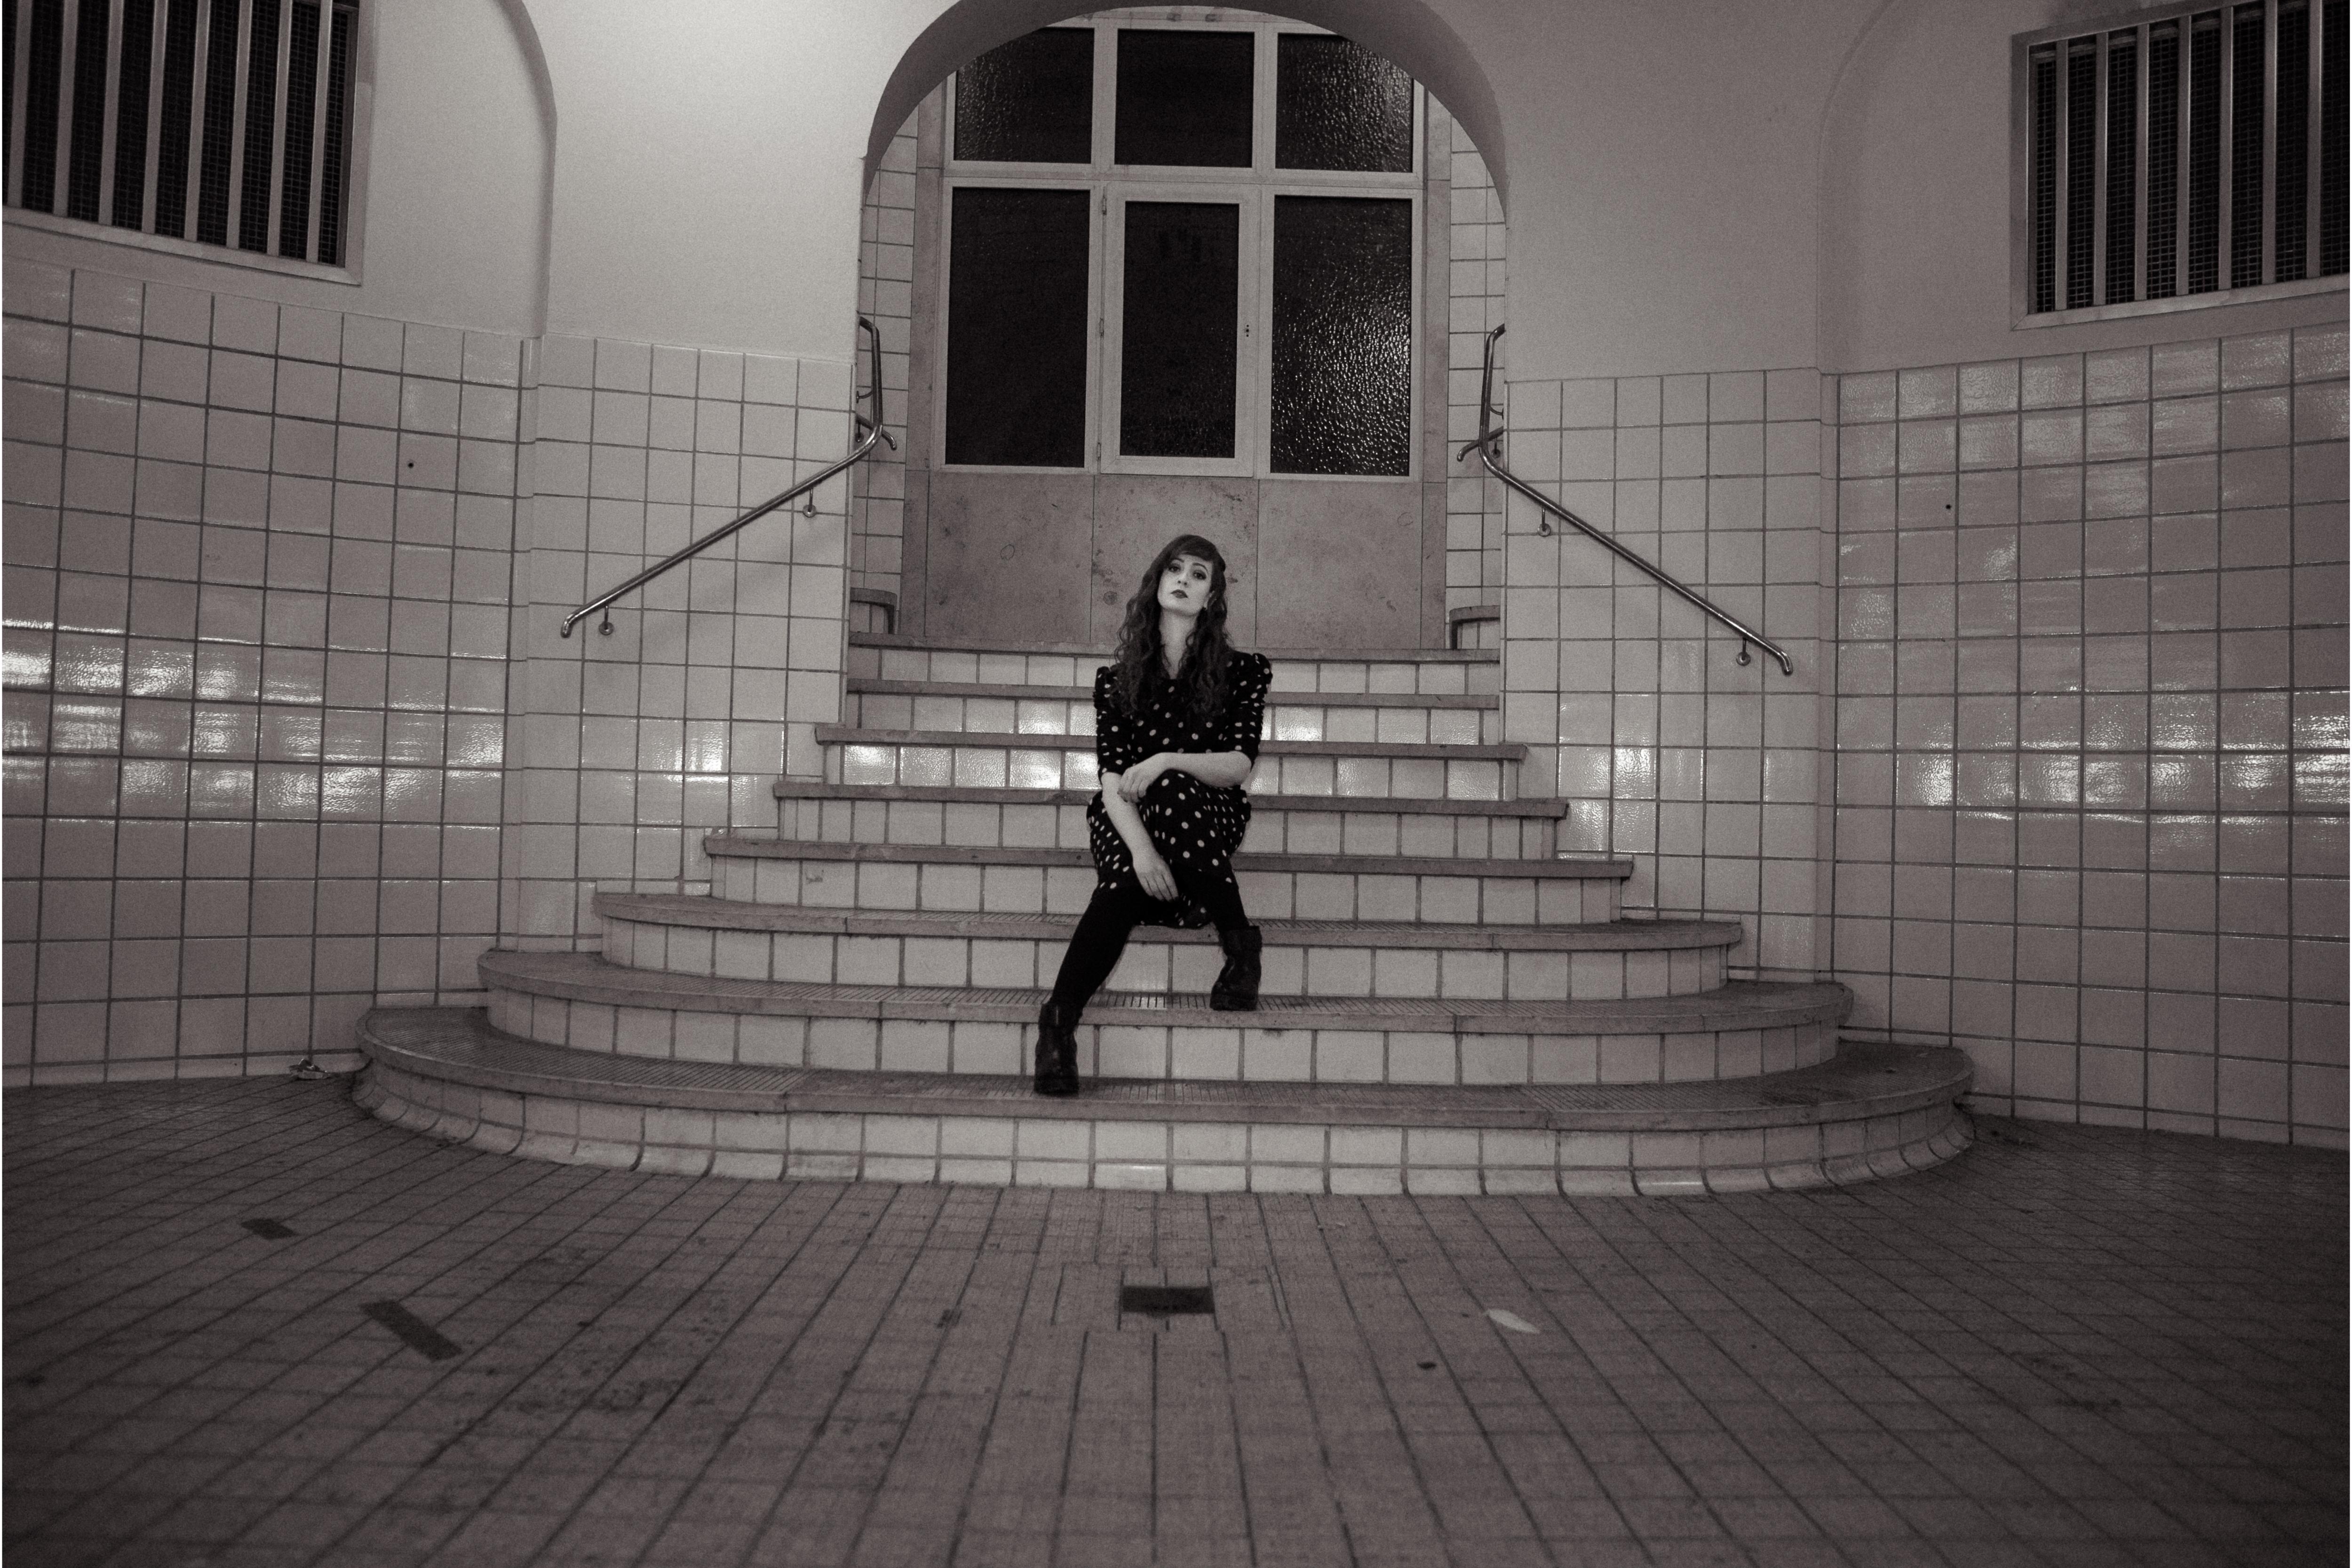 URBANERIE_Daniela_Goth_Fotografin_Nürnberg_Fürth_Erlangen_Schwabach_171127_0150